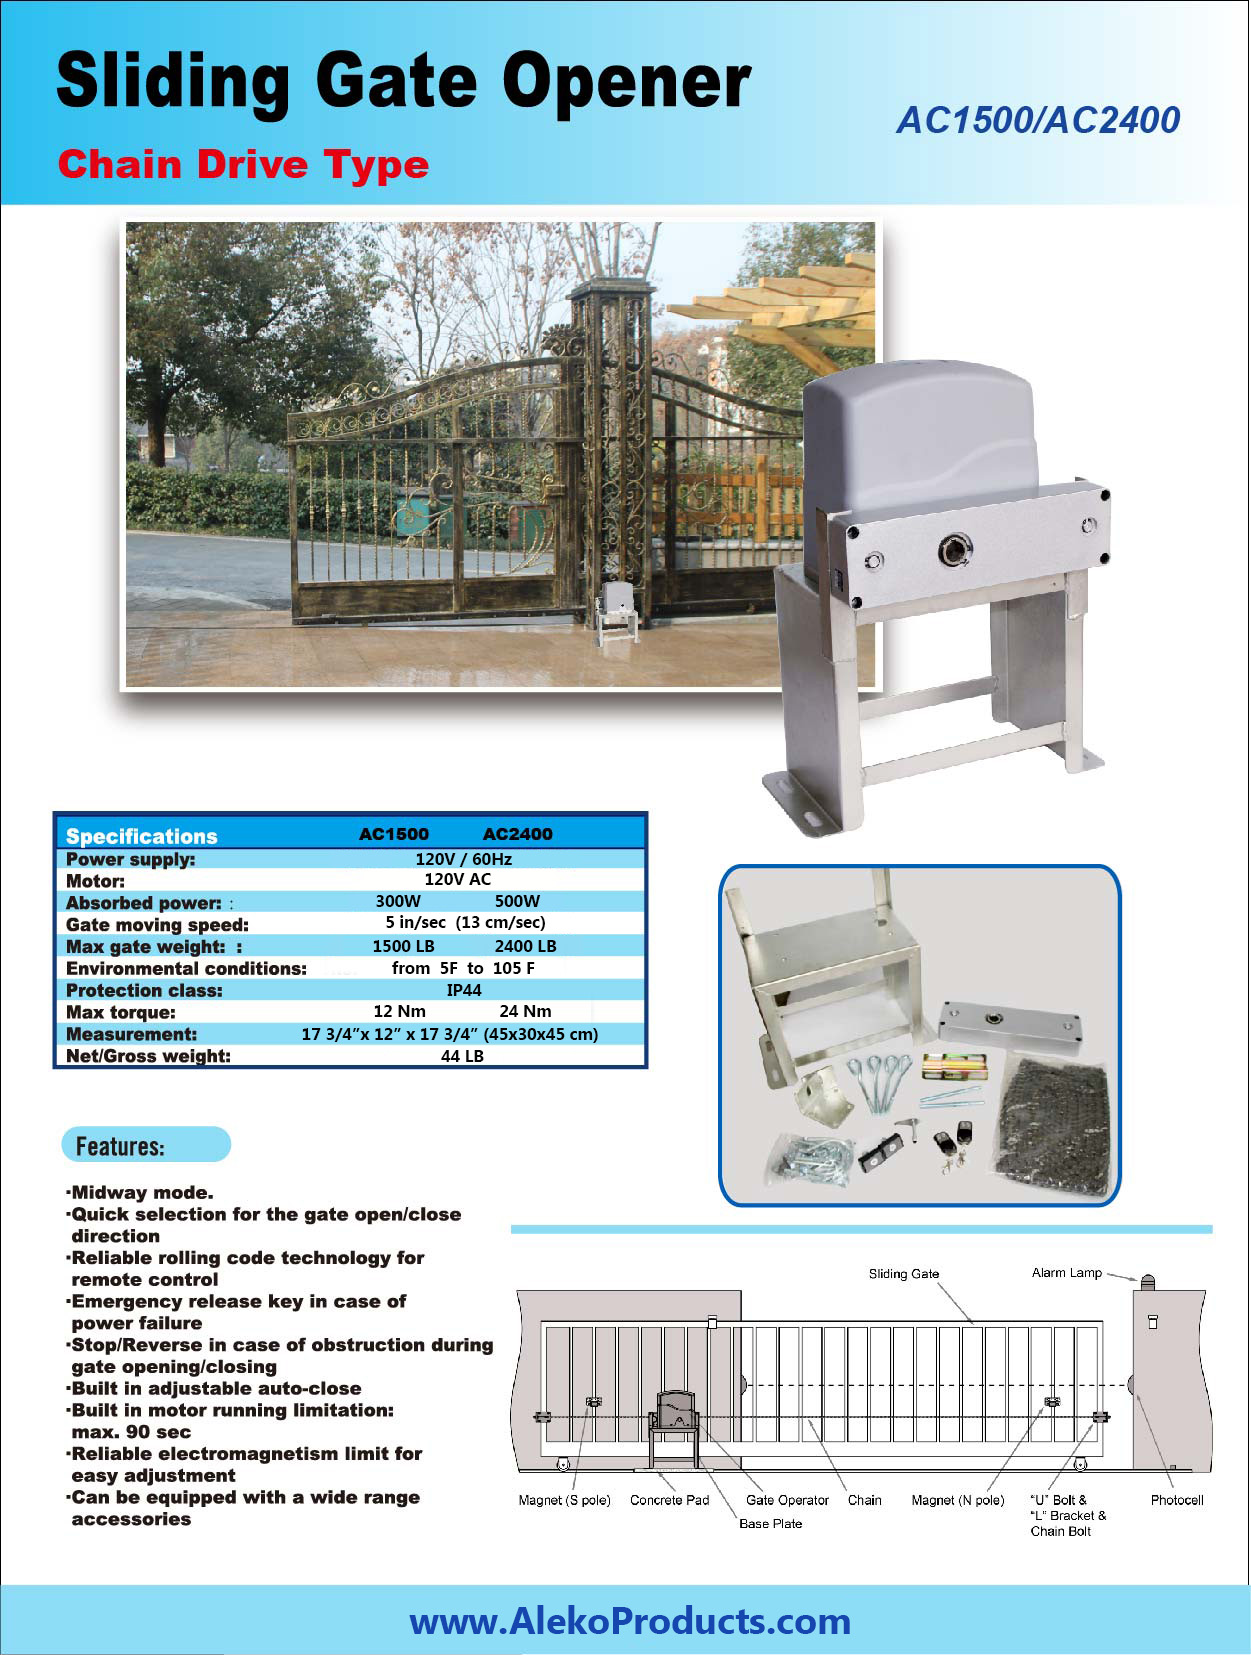 Sliding gate opener ac1500 accessory kit acc4 aleko for Sliding gate motor kit